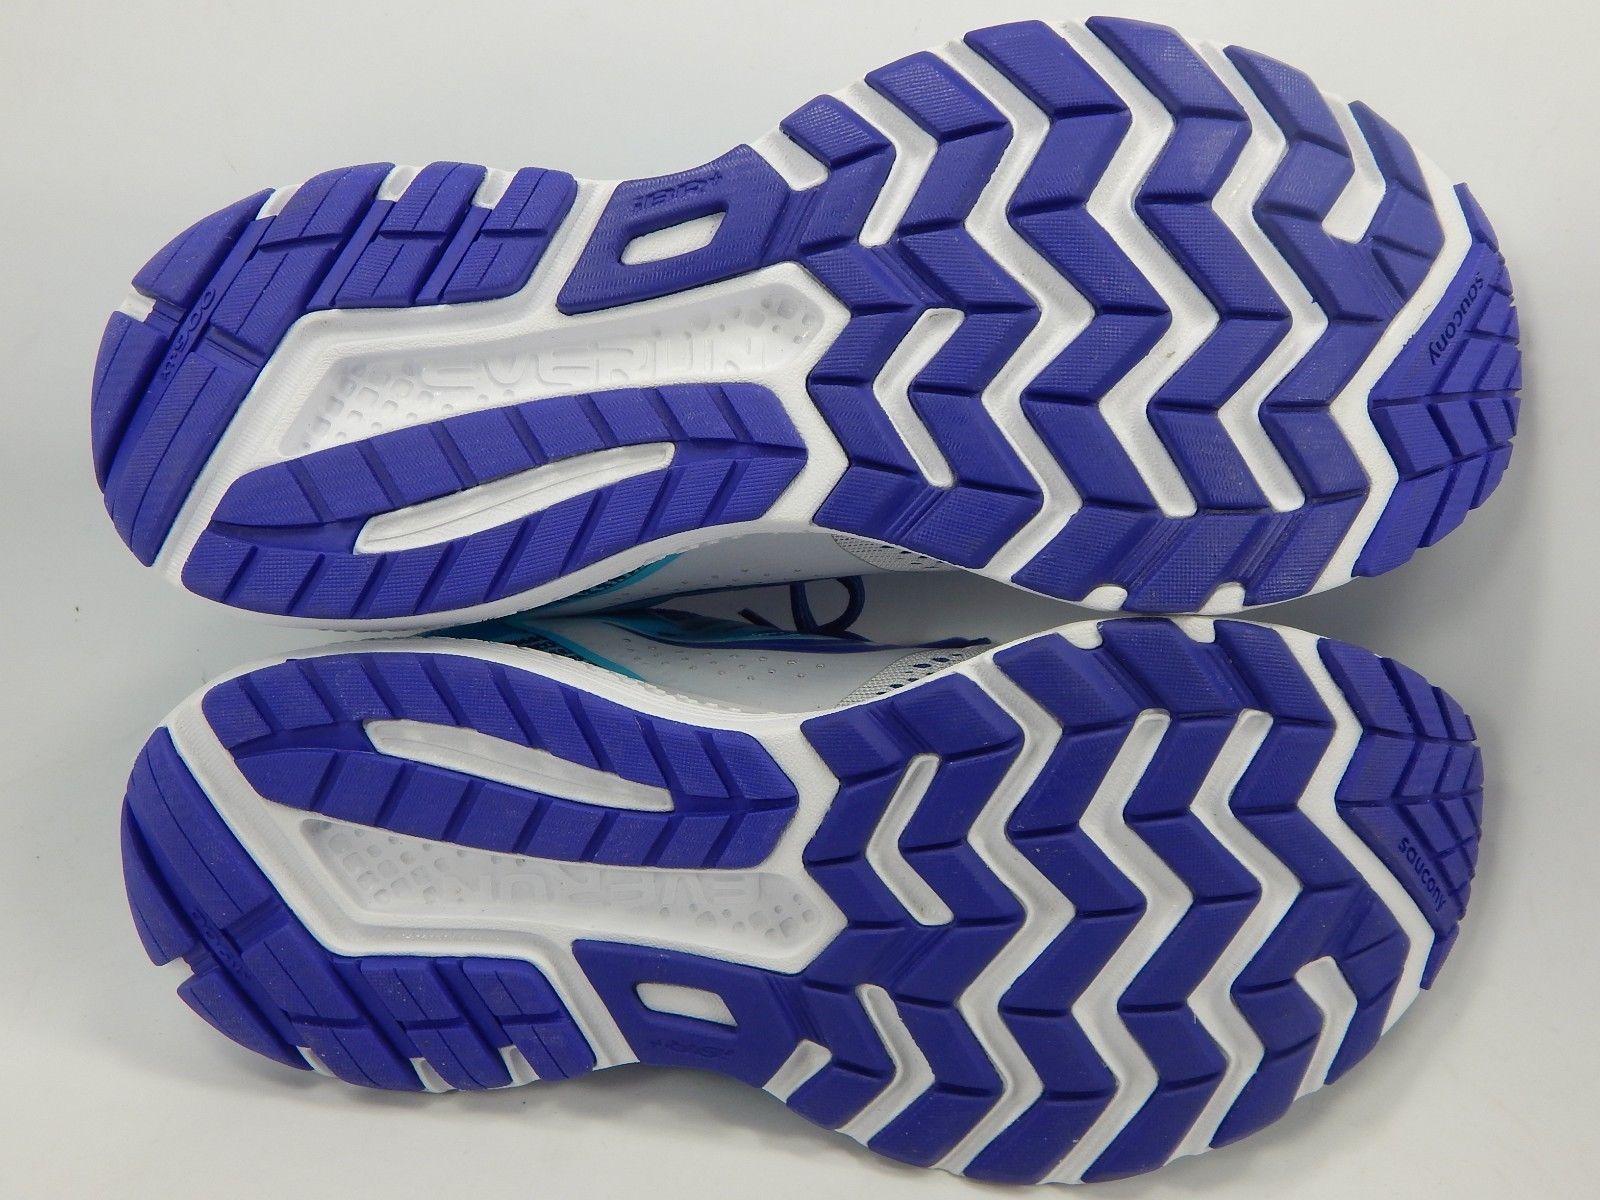 MISMATCH Saucony Ride 10 Size 9.5 M (B) Left & 10.5 M (B) Right Women's Shoes